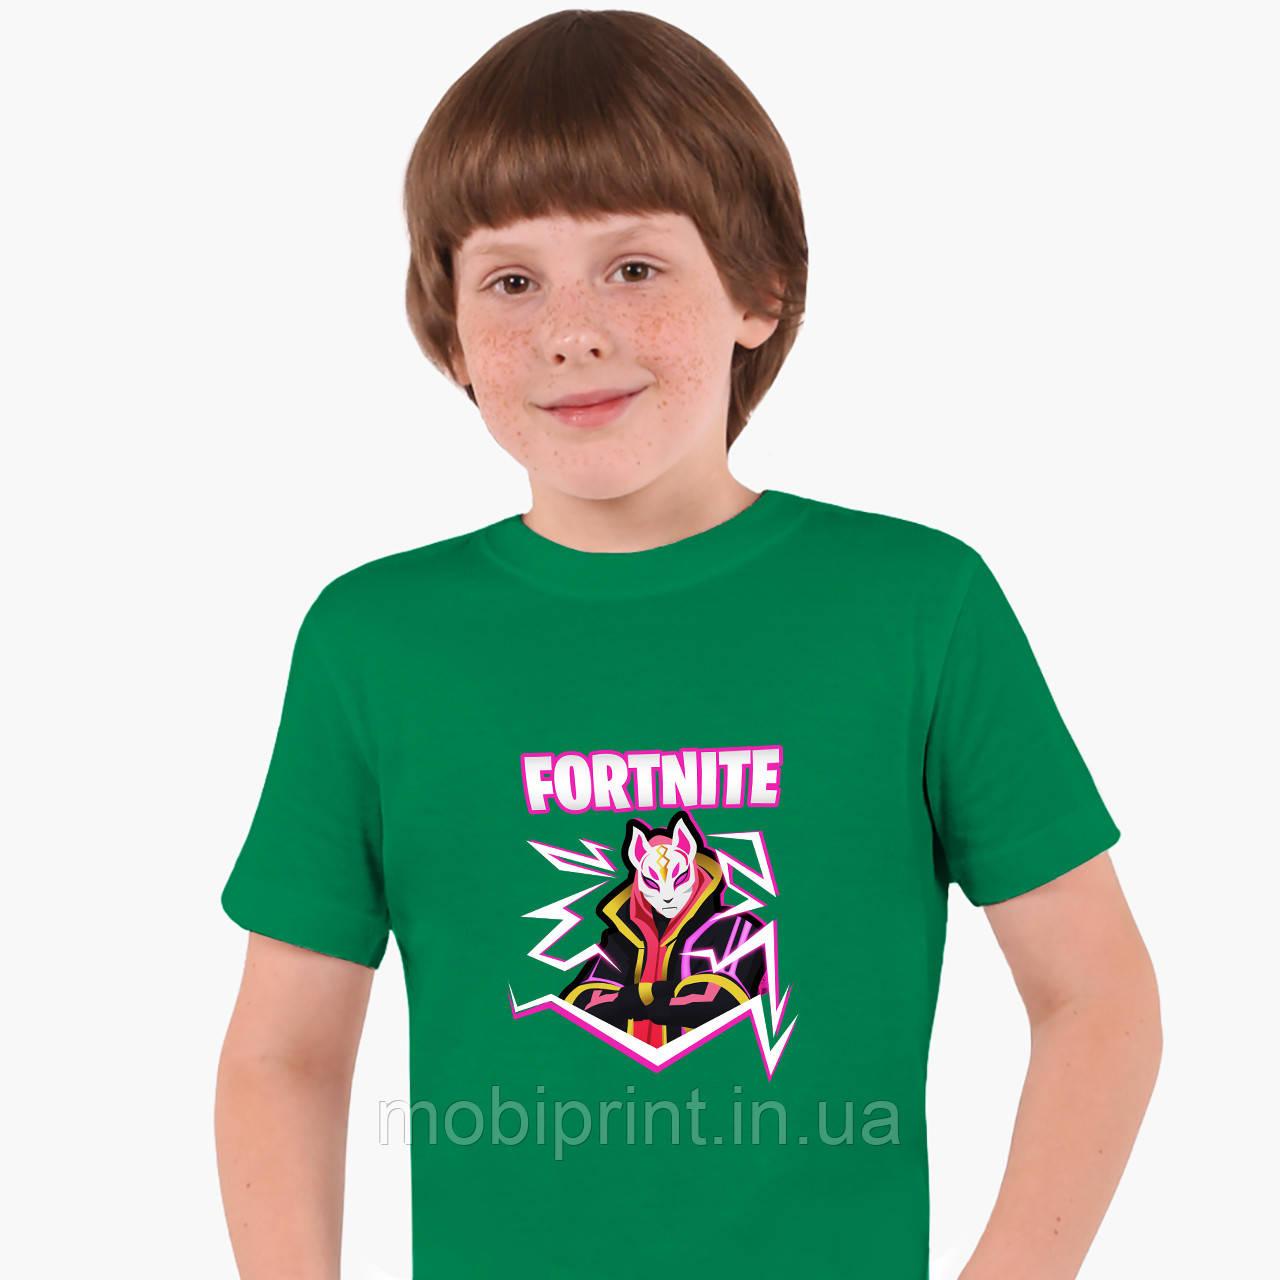 Детская футболка для мальчиков Фортнайт (Fortnite) (25186-1189) Зеленый